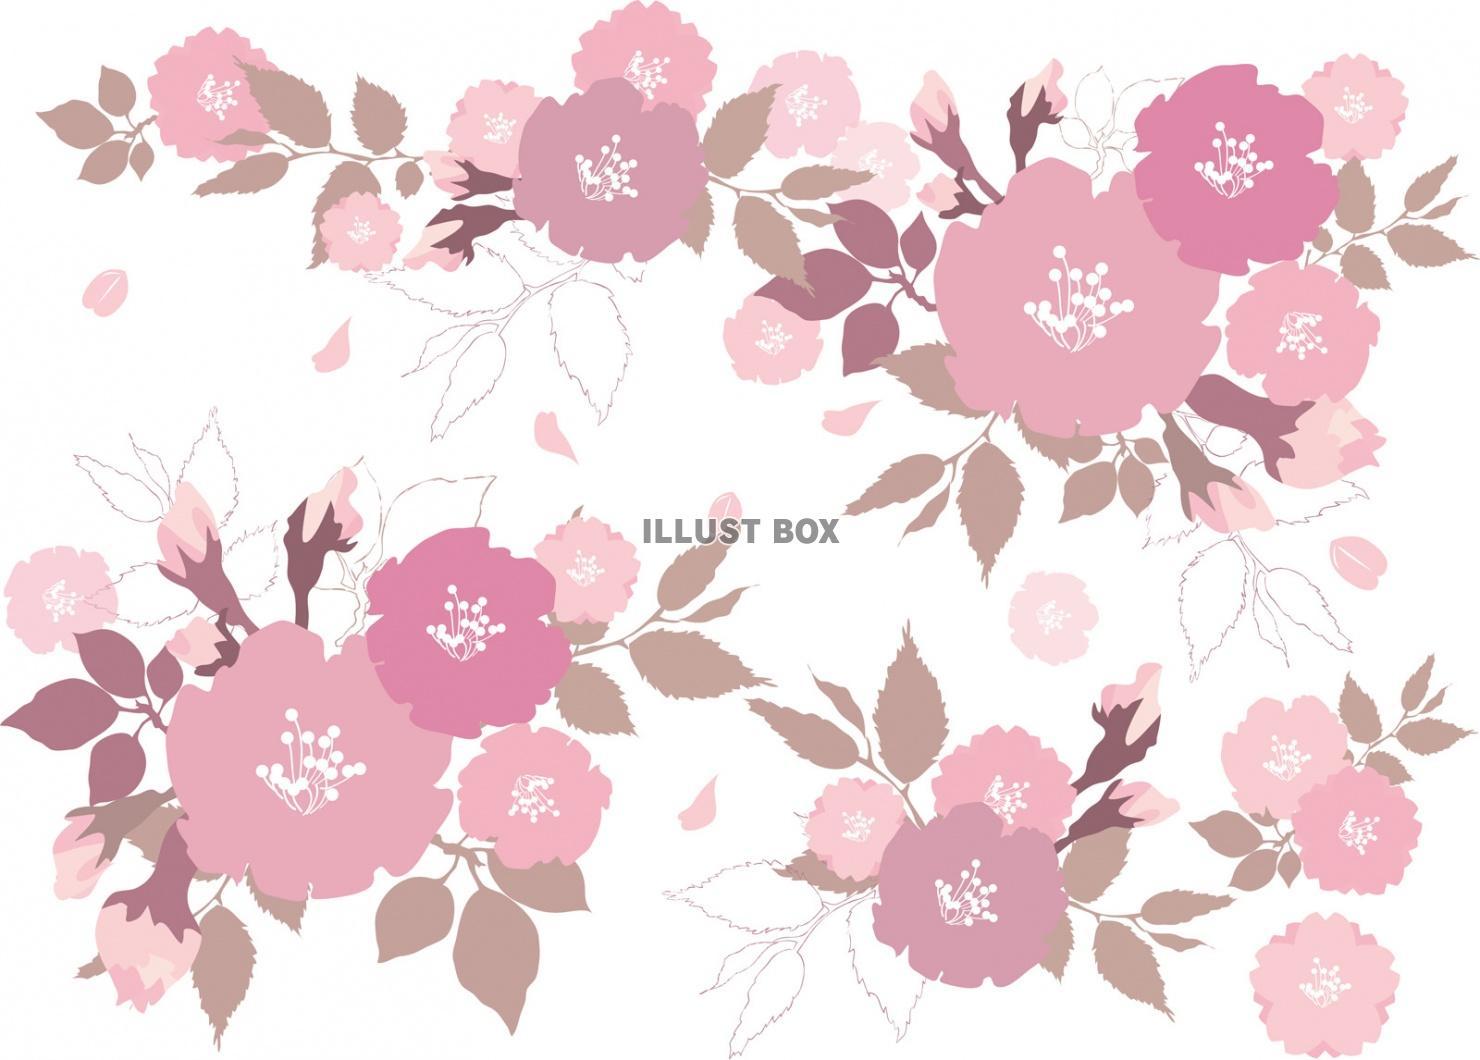 無料イラスト 桜飾りおしゃれフレーム枠レトロ和春花イラスト3月